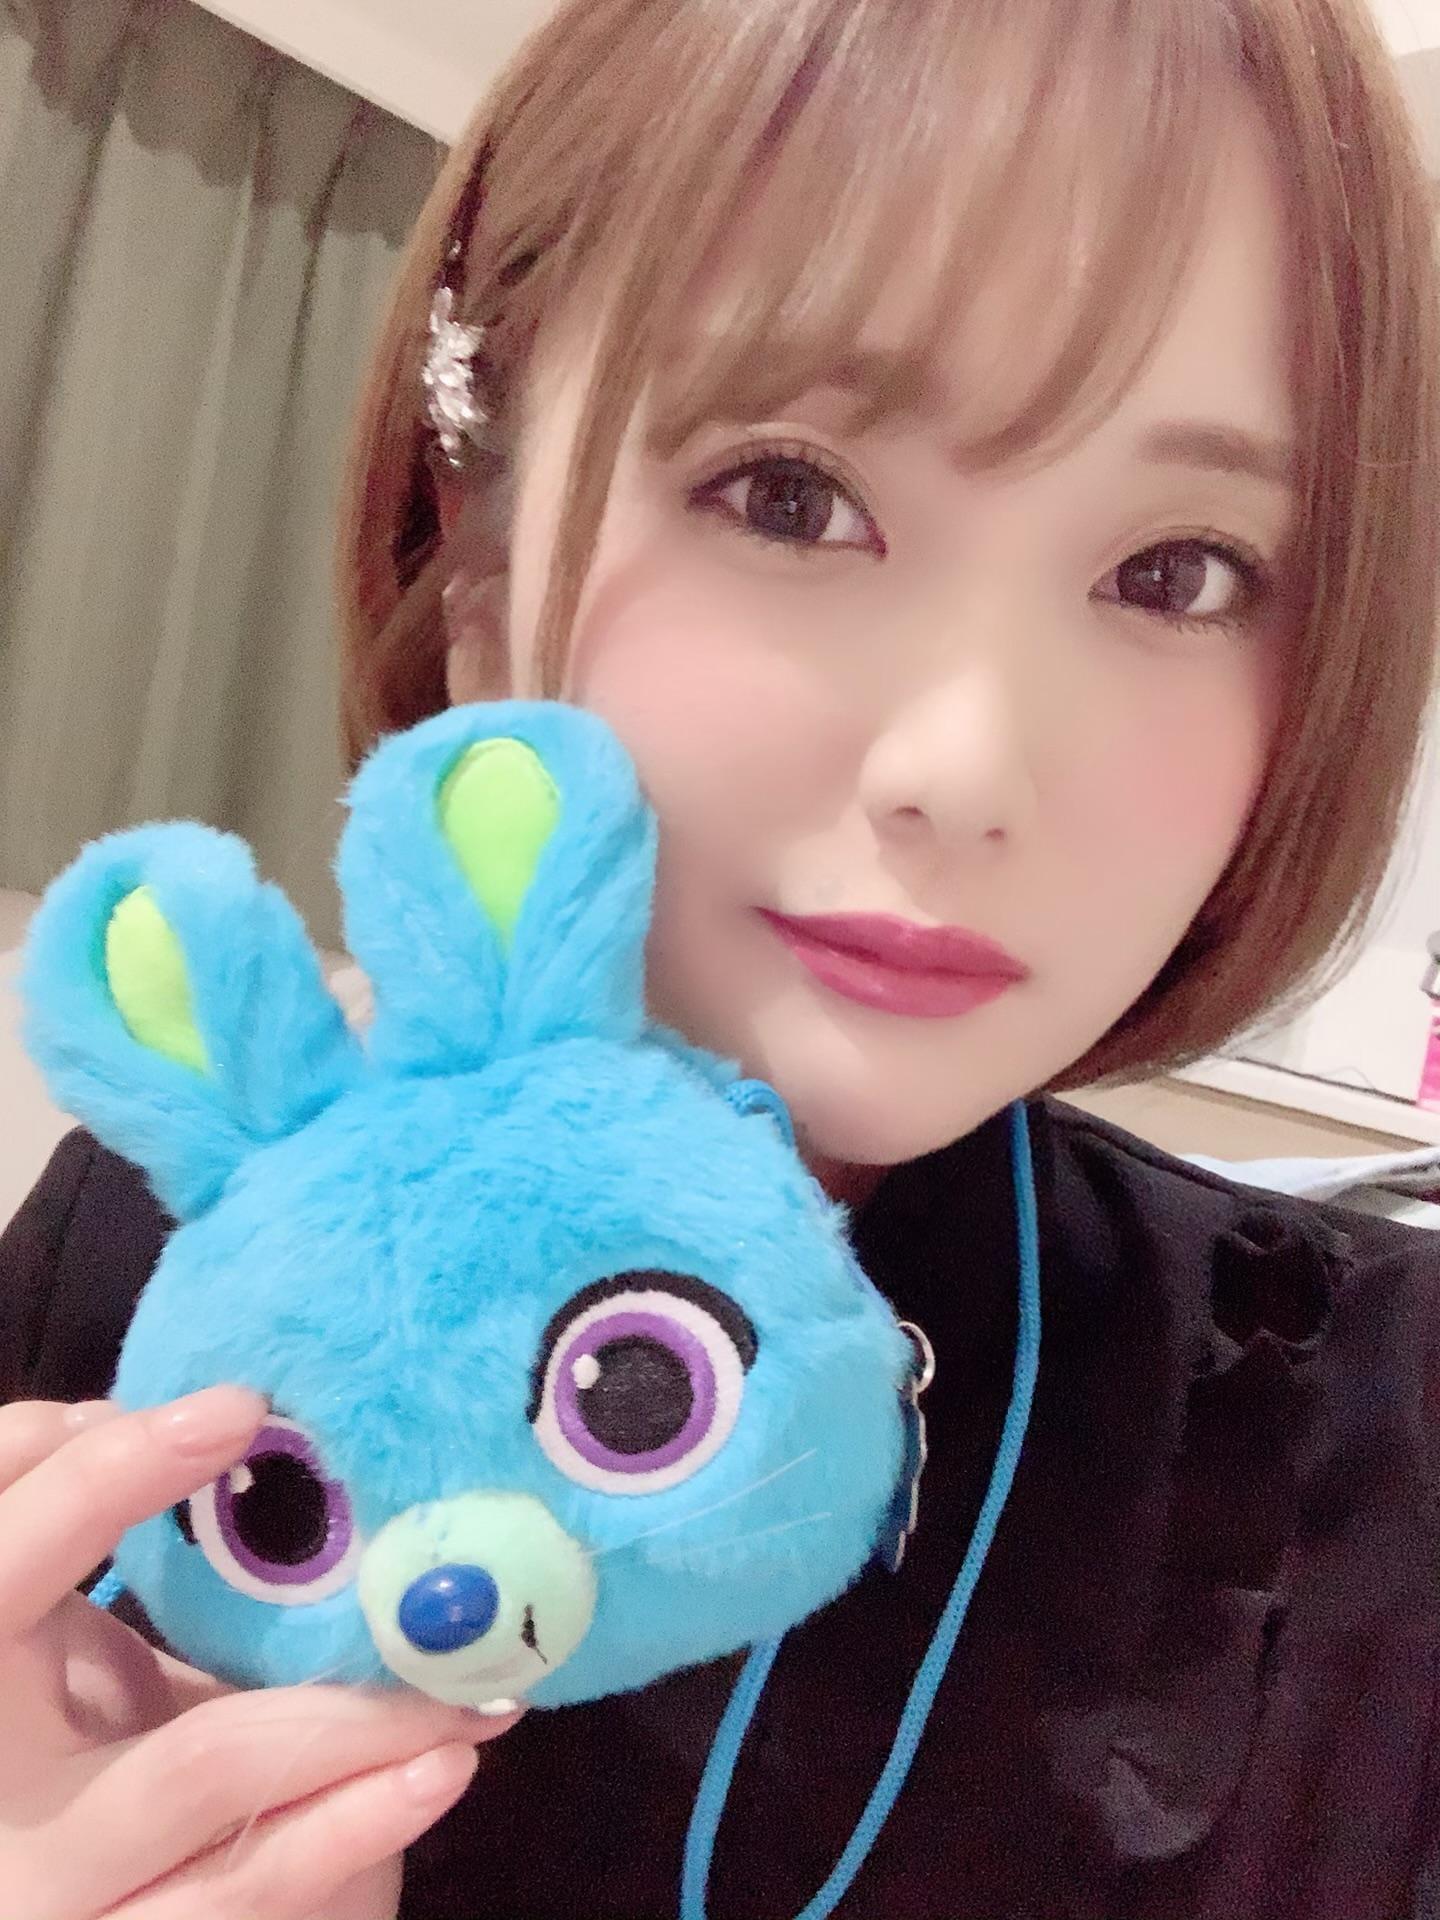 「♡いじわる顔♡」08/03(08/03) 19:37 | まりこの写メ・風俗動画